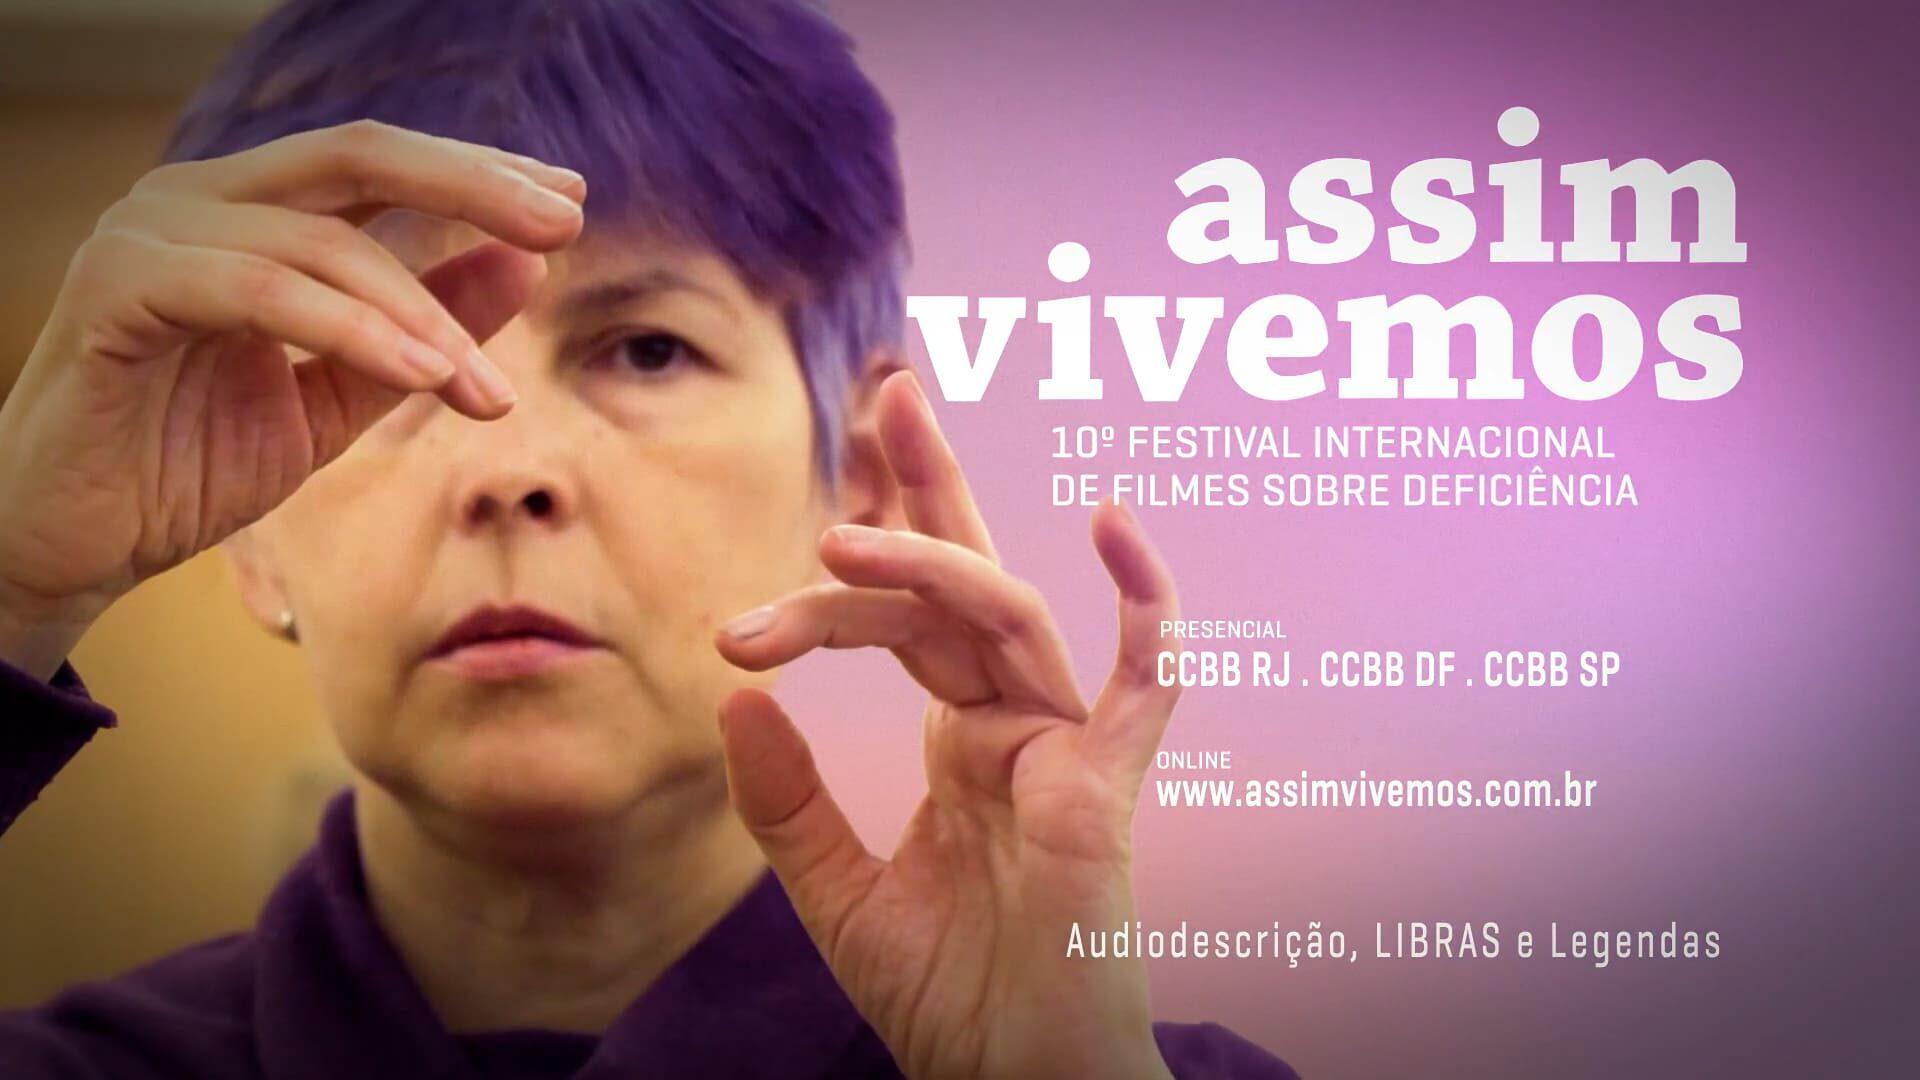 Arte com mulher sinalizando com as mãos e texto descrito na legenda, da 10ª edição do Assim Vivemos.